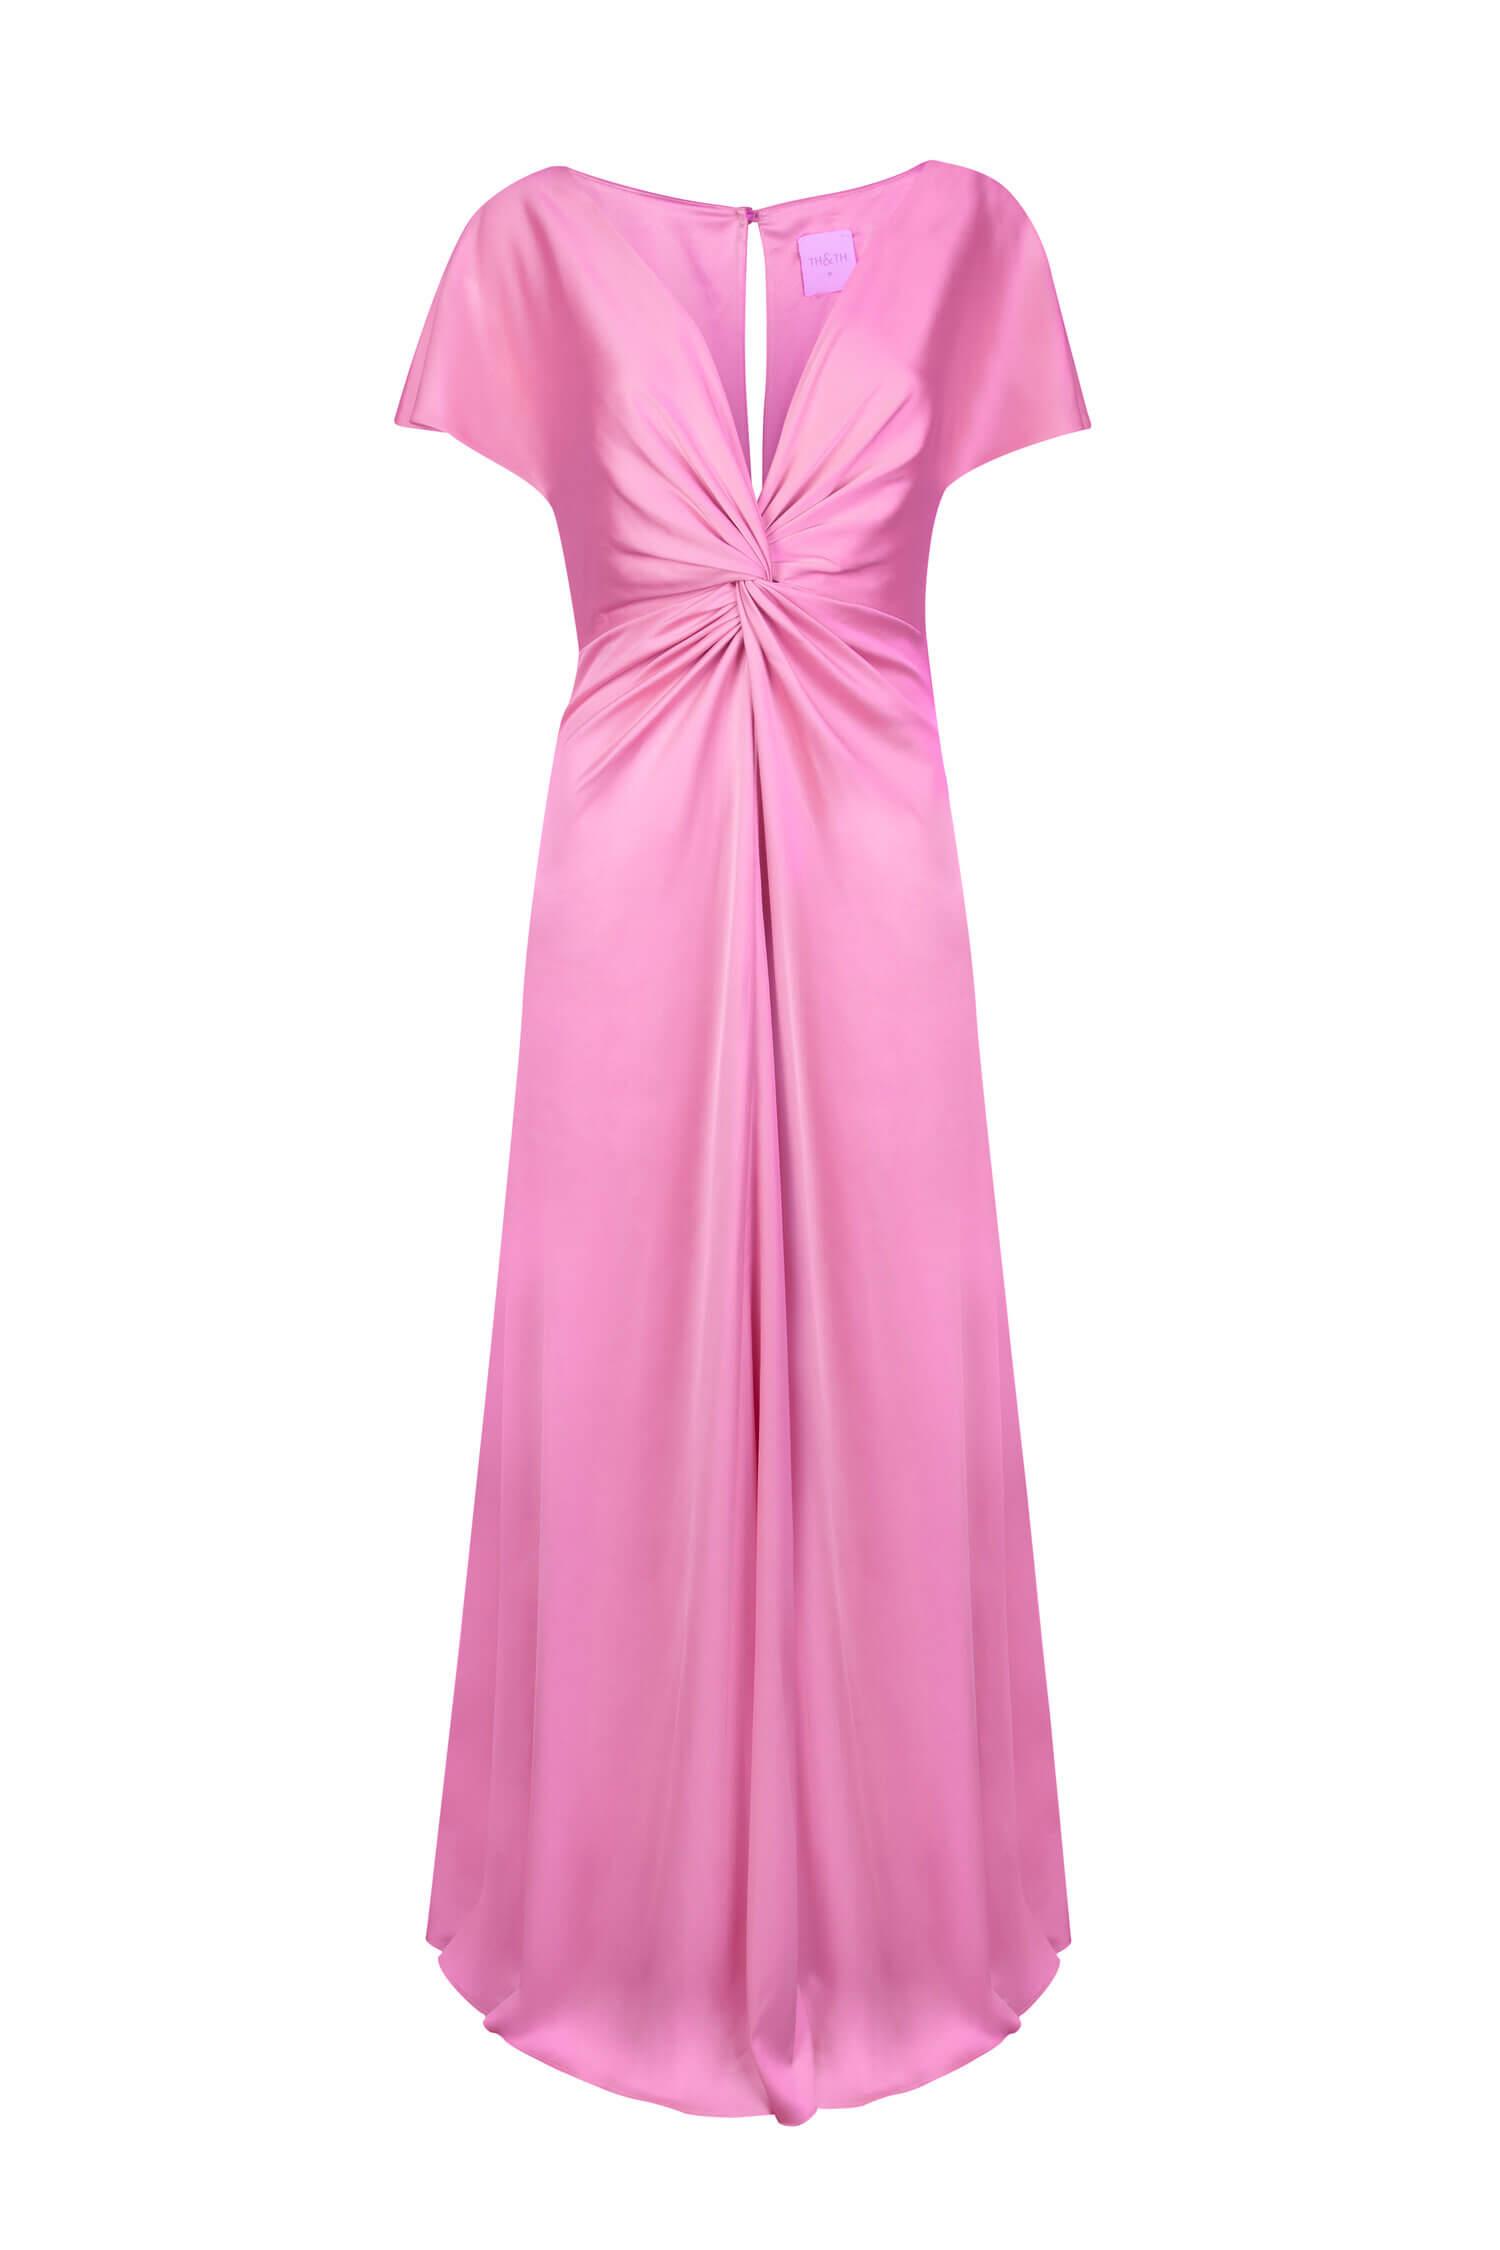 TH&H Camilla Bridesmaid Dress TH&H Bridesmaid Dress Bright Pink